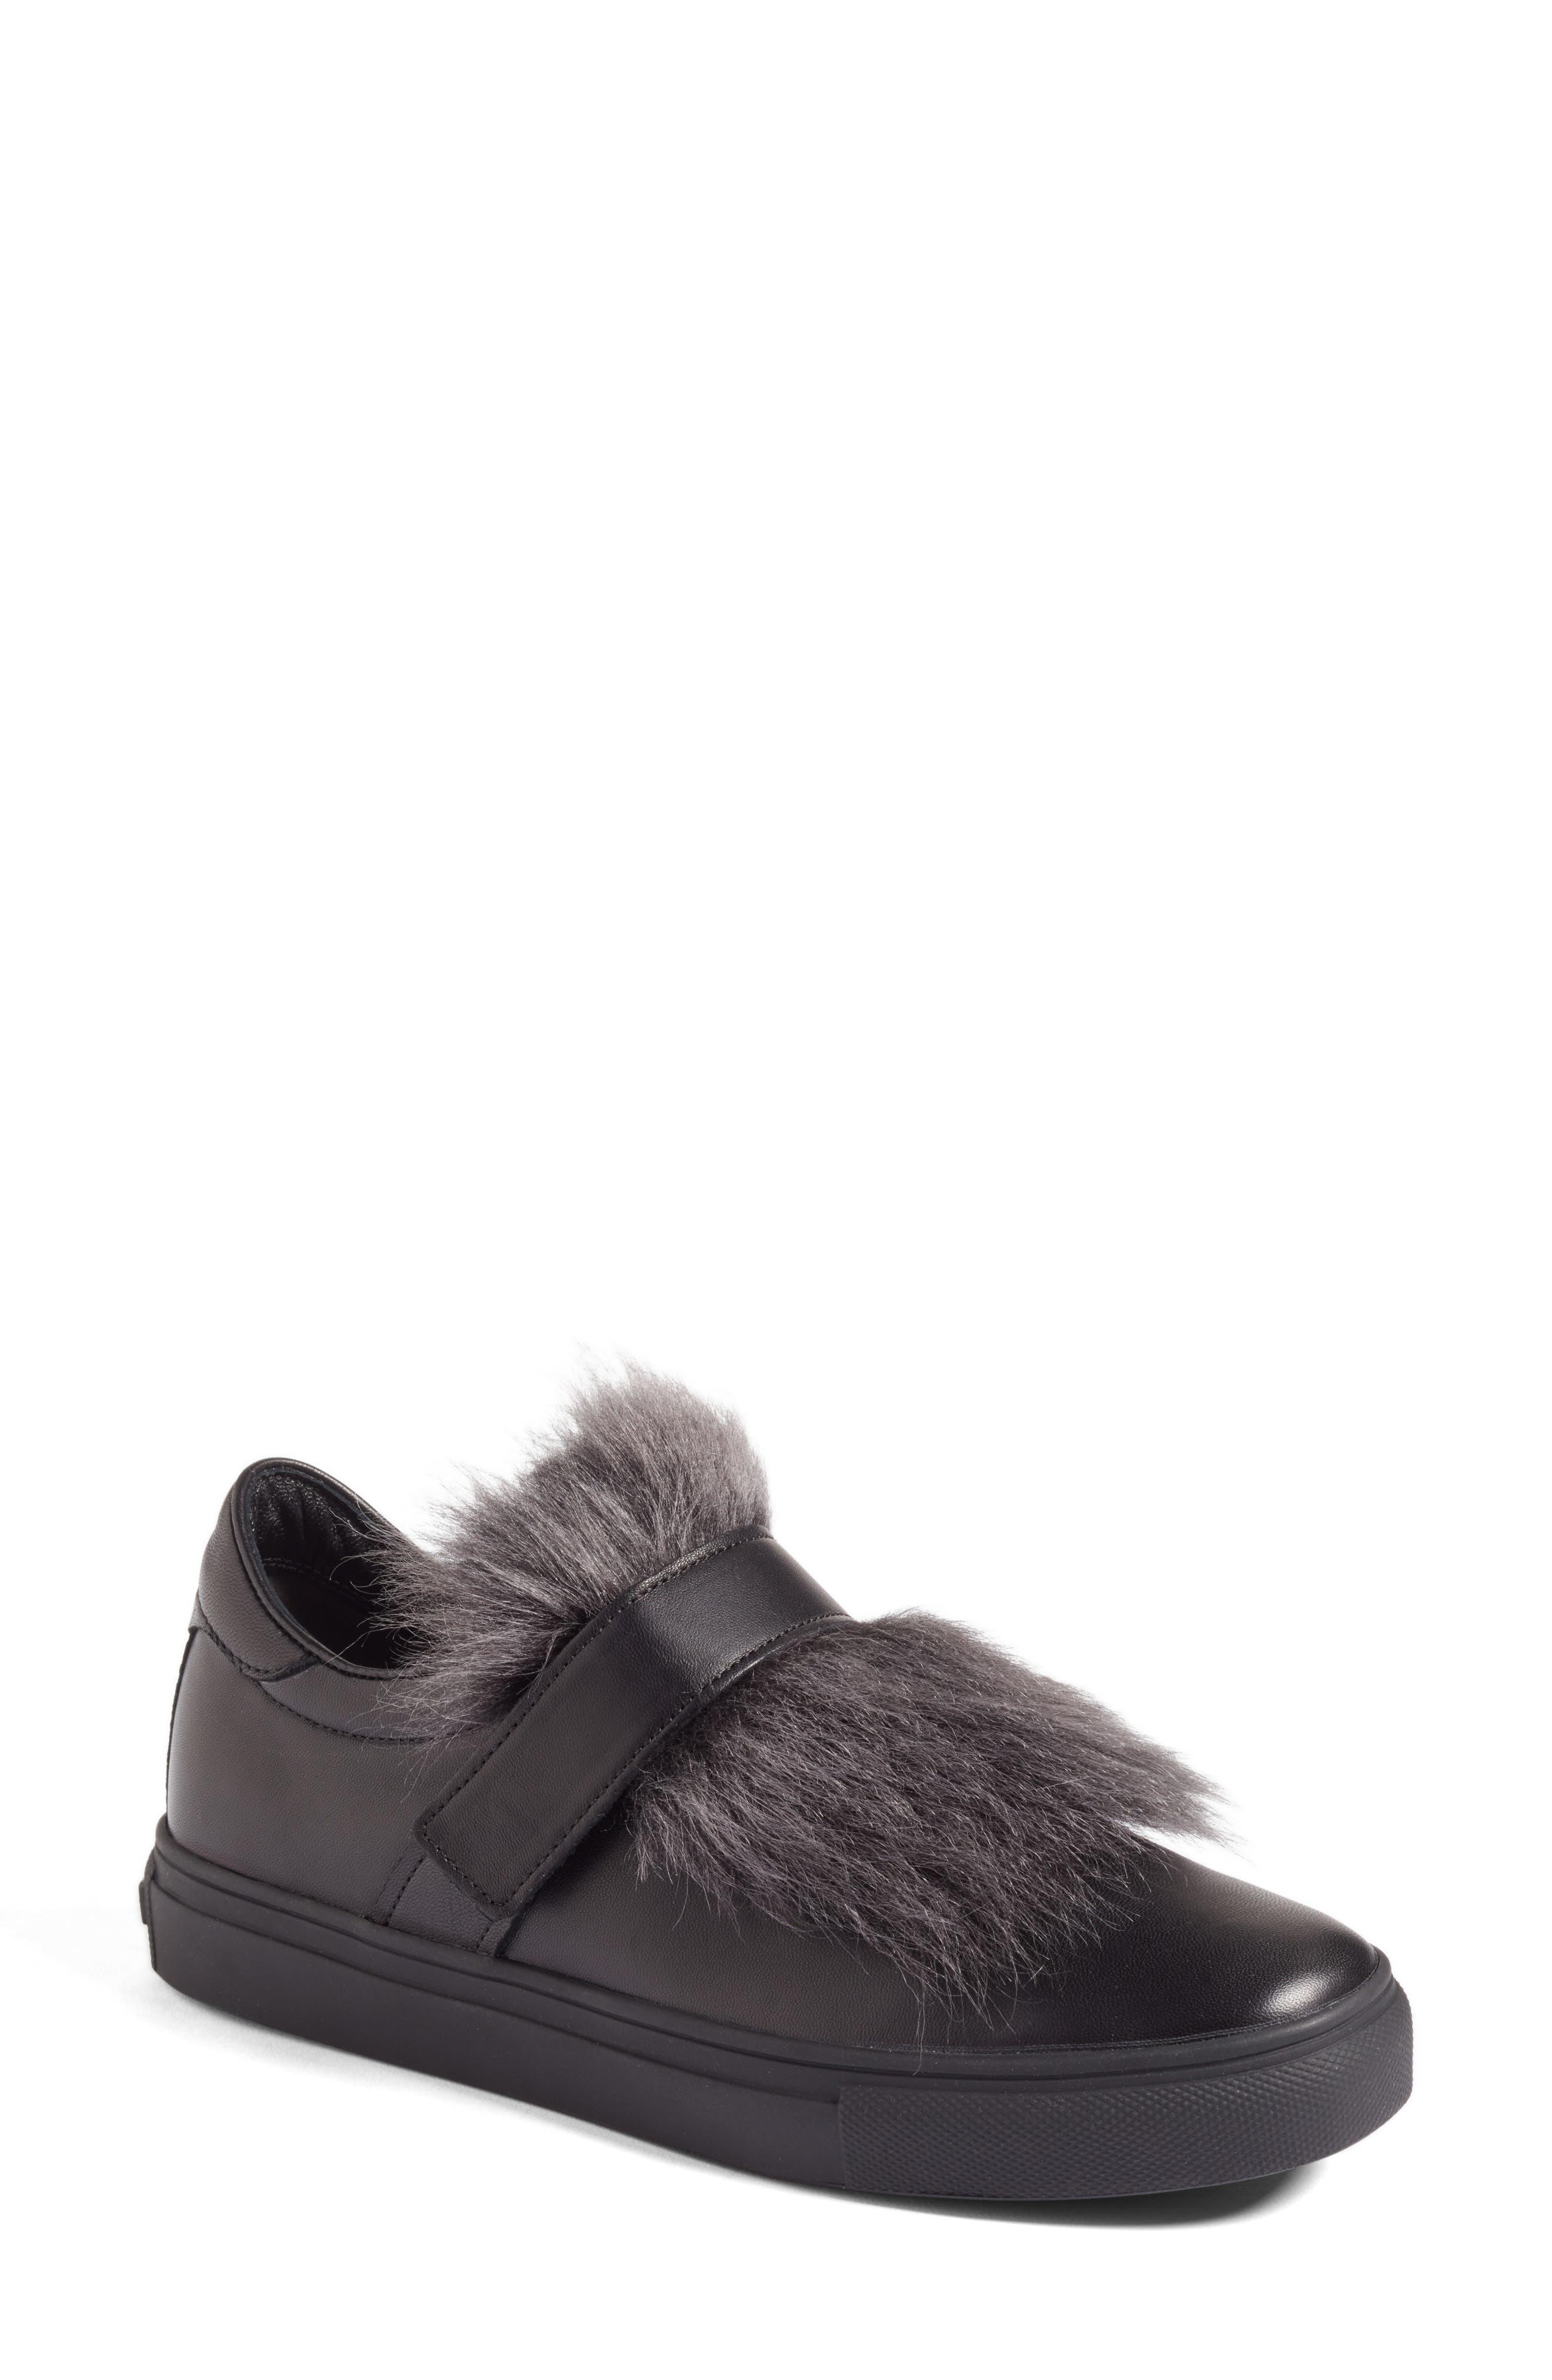 Kennel & Schmenger Basket Slip-On Sneaker with Genuine Shearling Trim,                         Main,                         color, Black